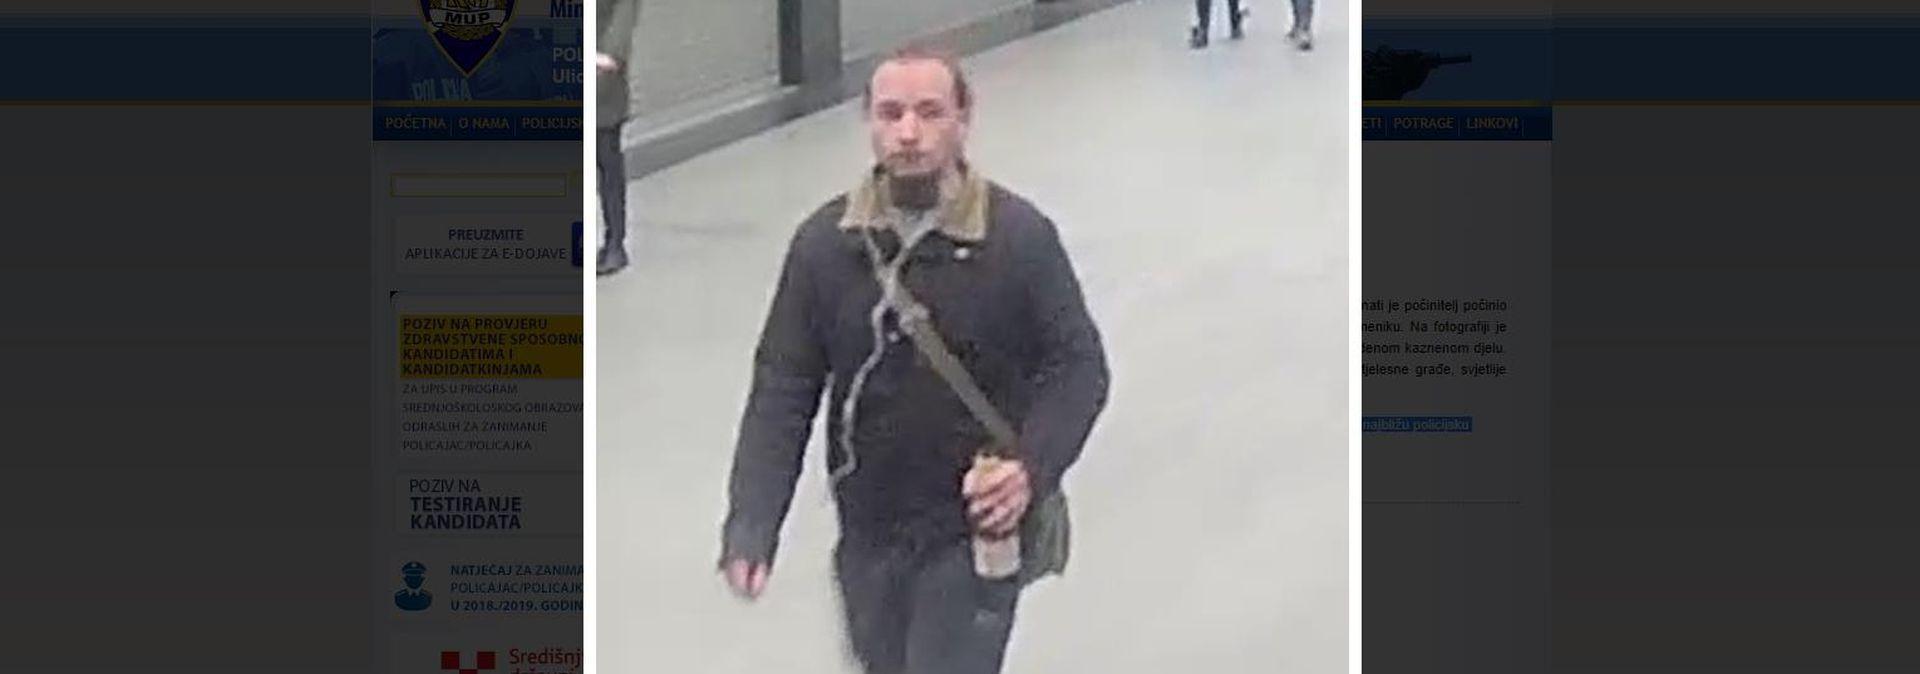 Policija traži ovog muškarca zbog srpa i čekića na spomeniku Tuđmanu